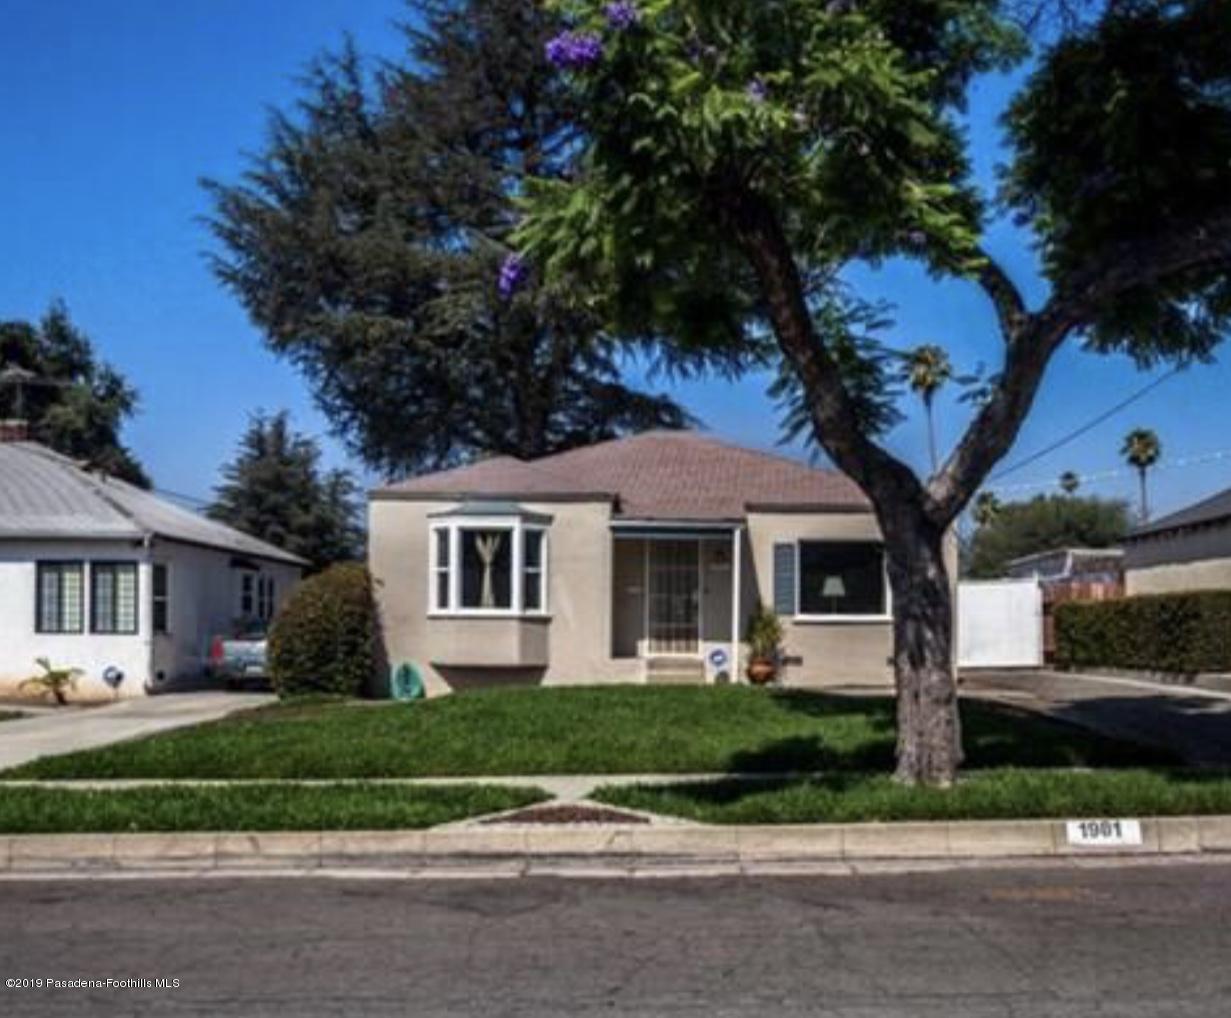 1981 MENTONE, Pasadena, CA 91103 - 9EA6661D-714A-4CB3-B374-DE9B43977043